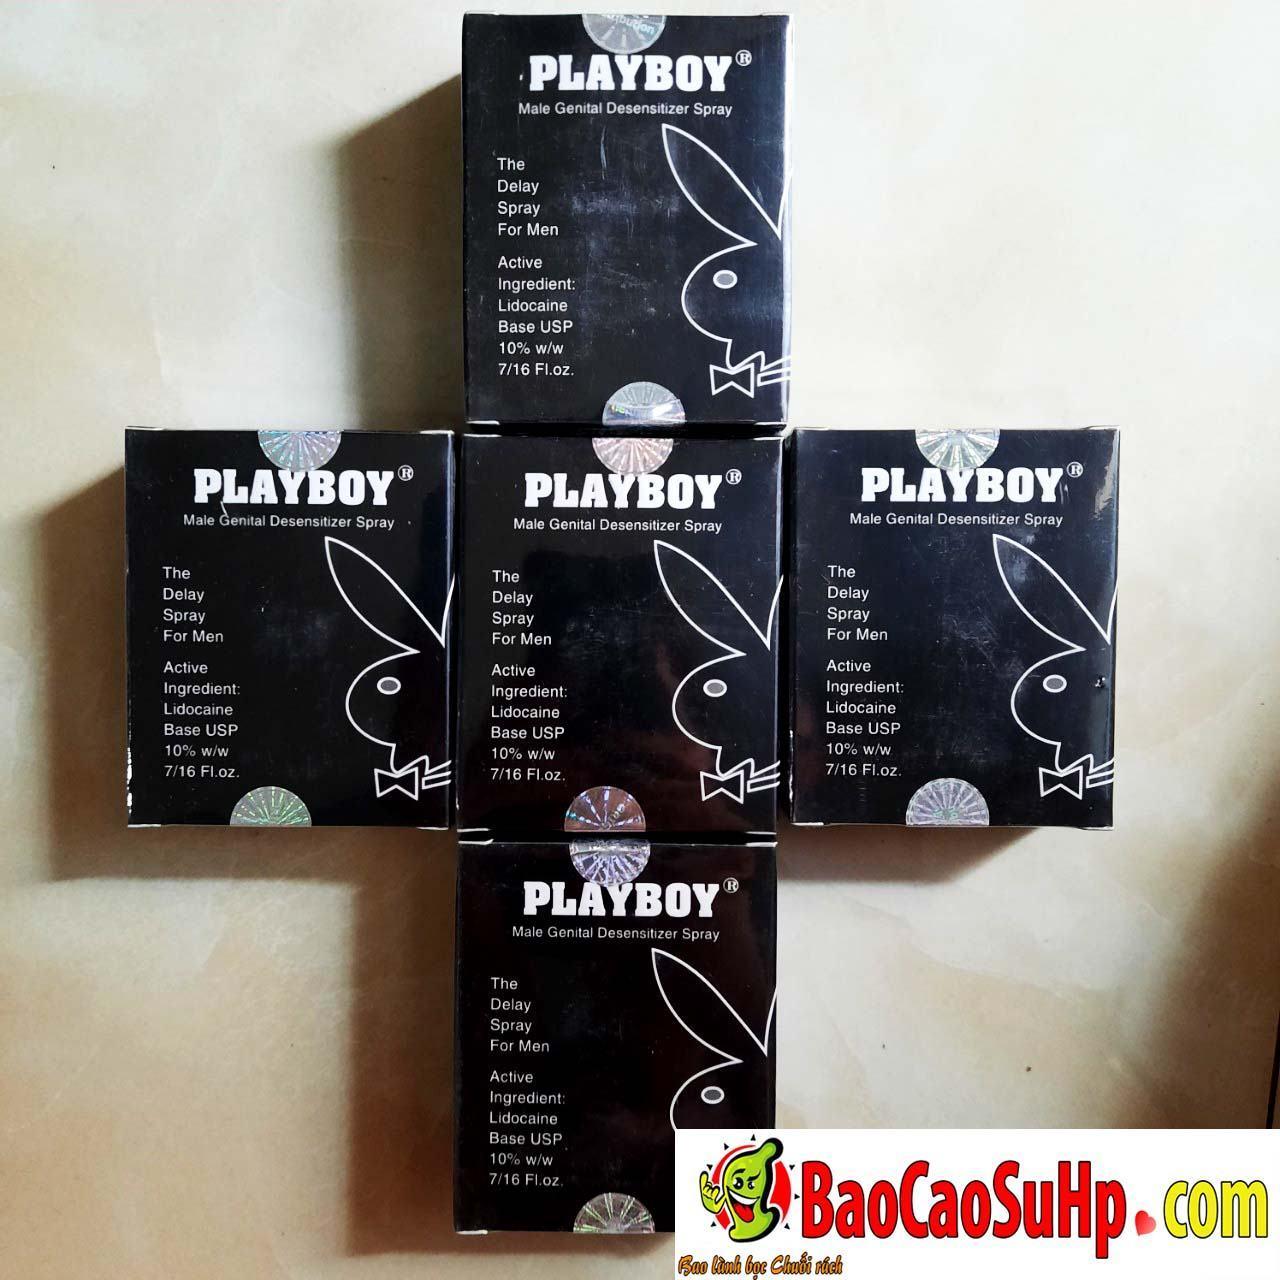 20200514163758 4025441 chai xit tri xuat tinh som playboy den - Búp bê bán thân hàng về một loạt sản phẩm 14.05.2020